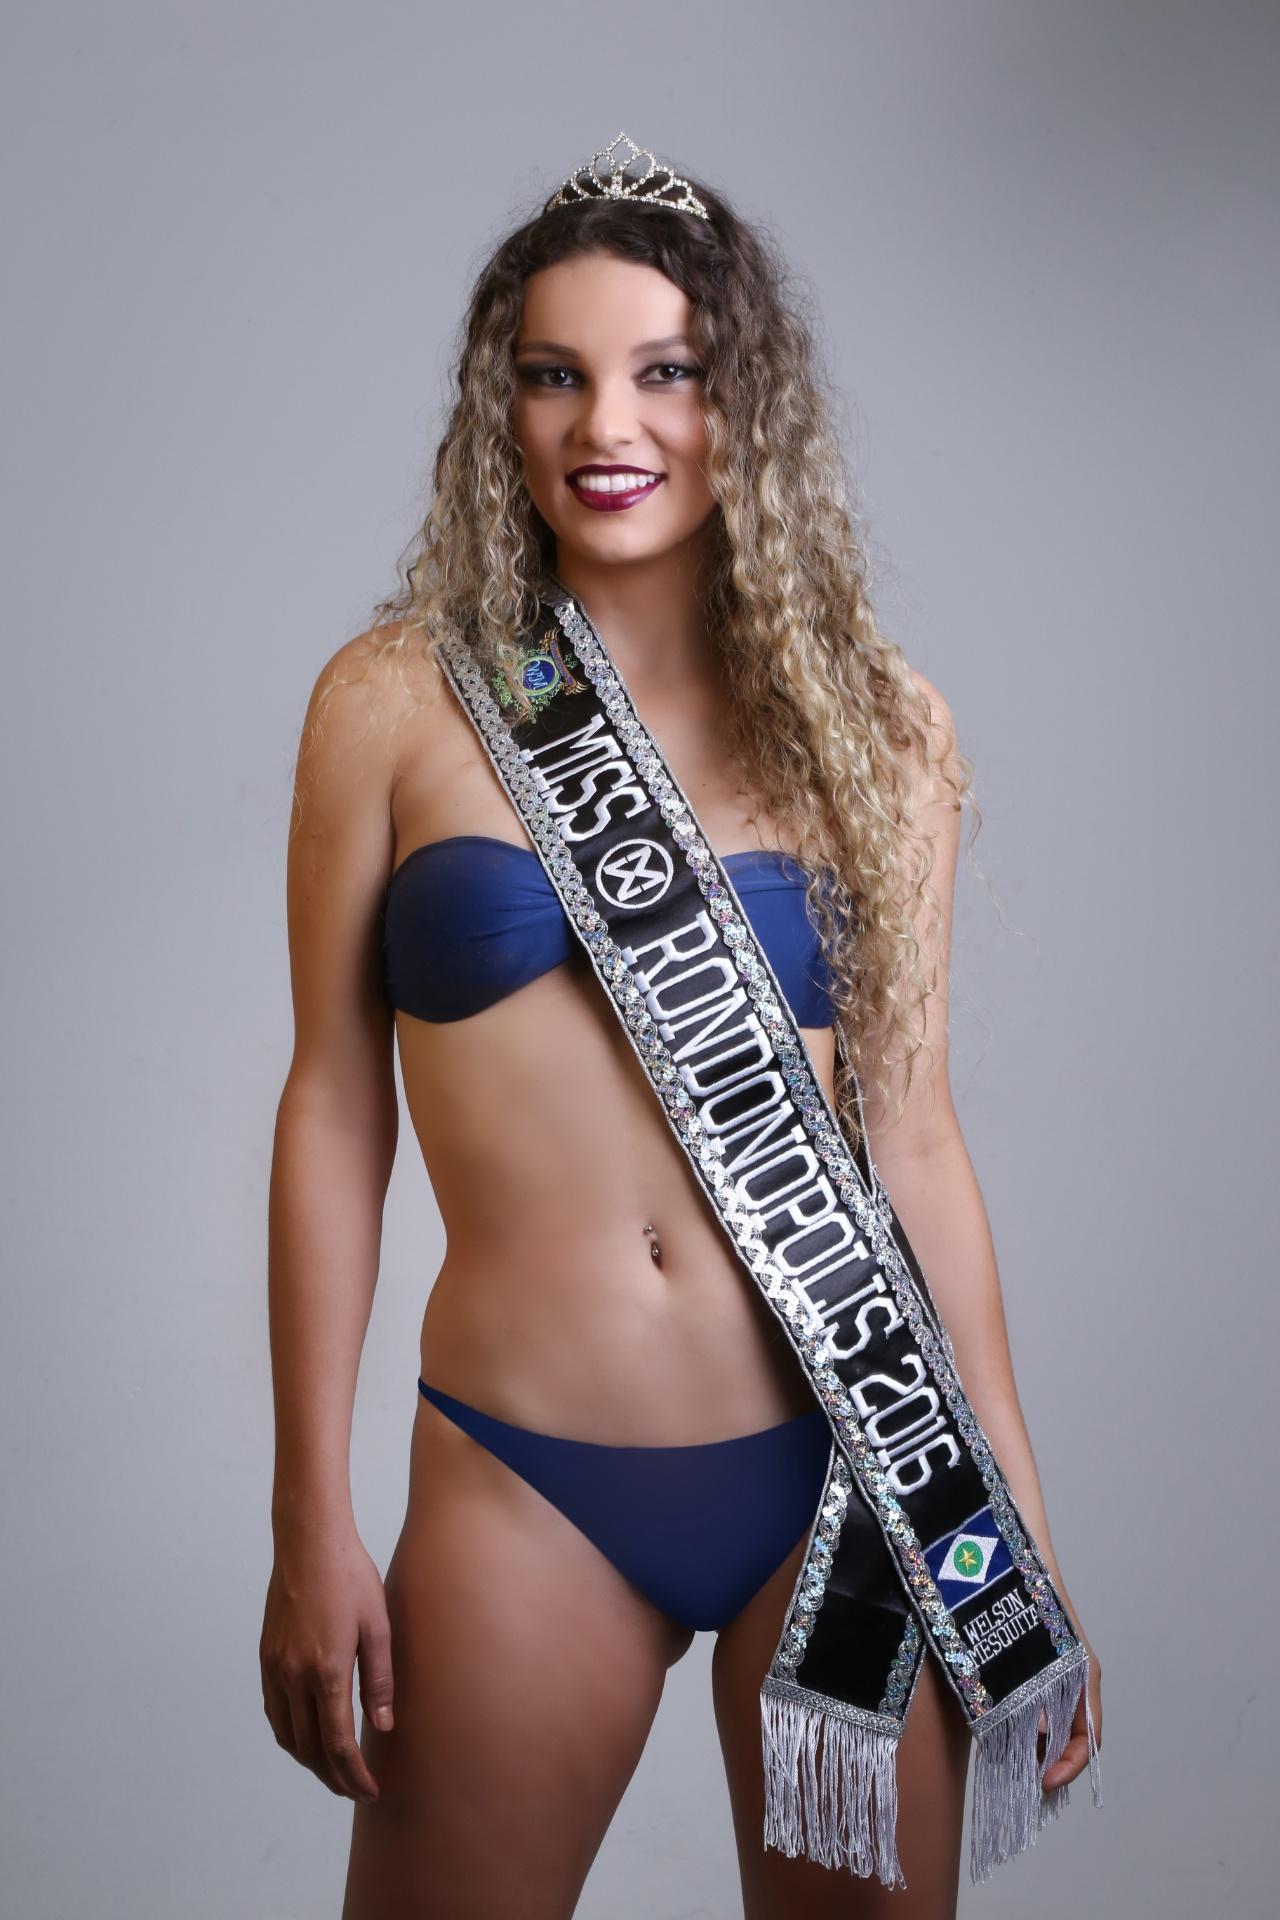 27.jan.2016 - Rondonópolis - Ludmilla Hollenbach, 23 anos